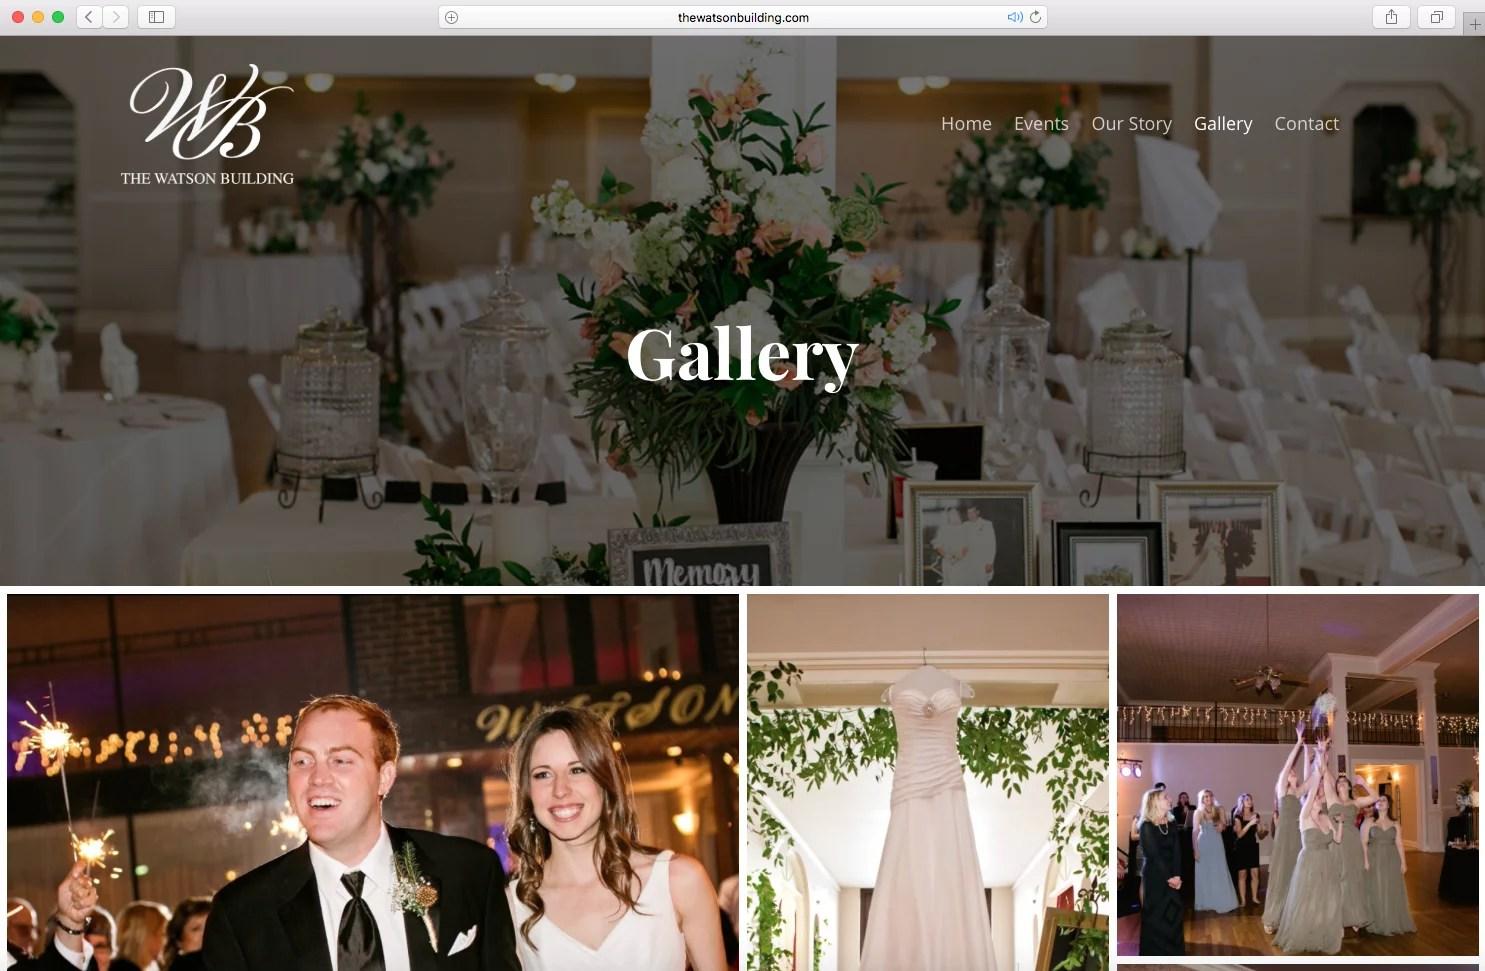 Website Design in Lubbock - Contract Cre8ive